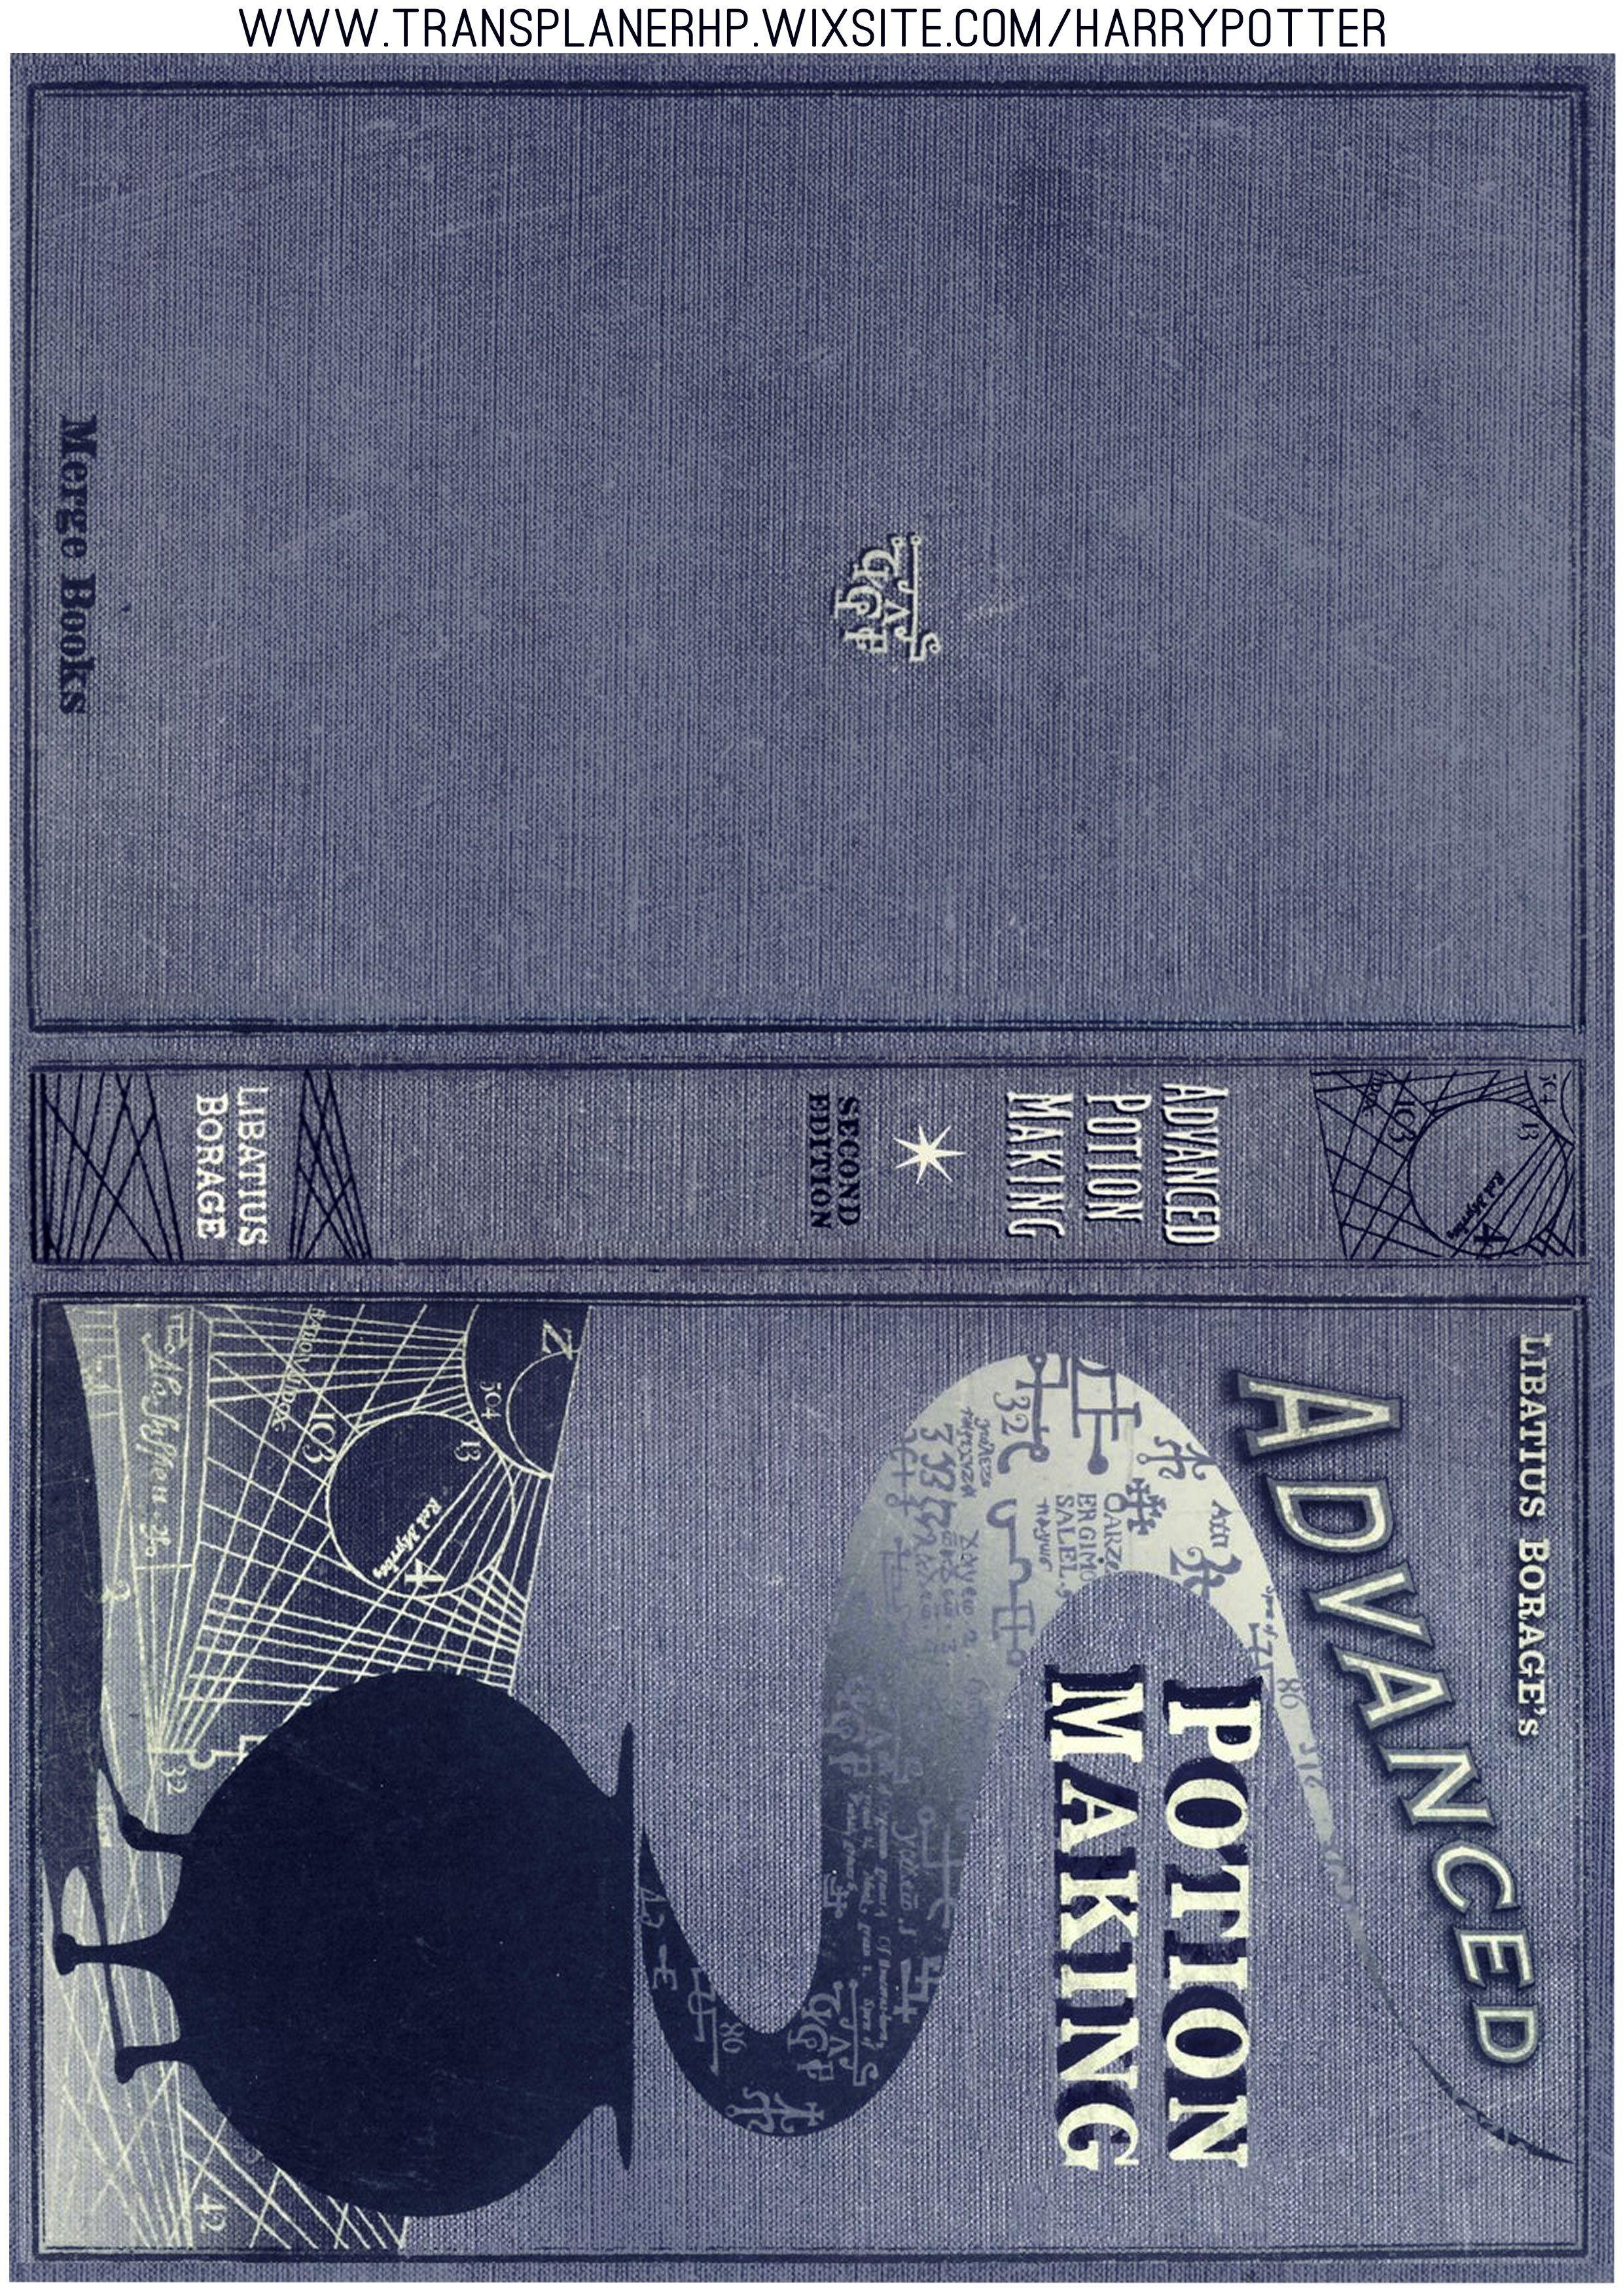 Diy Livre Des Potions Carte Harry Potter Harry Potter Noel Dessin Harry Potter